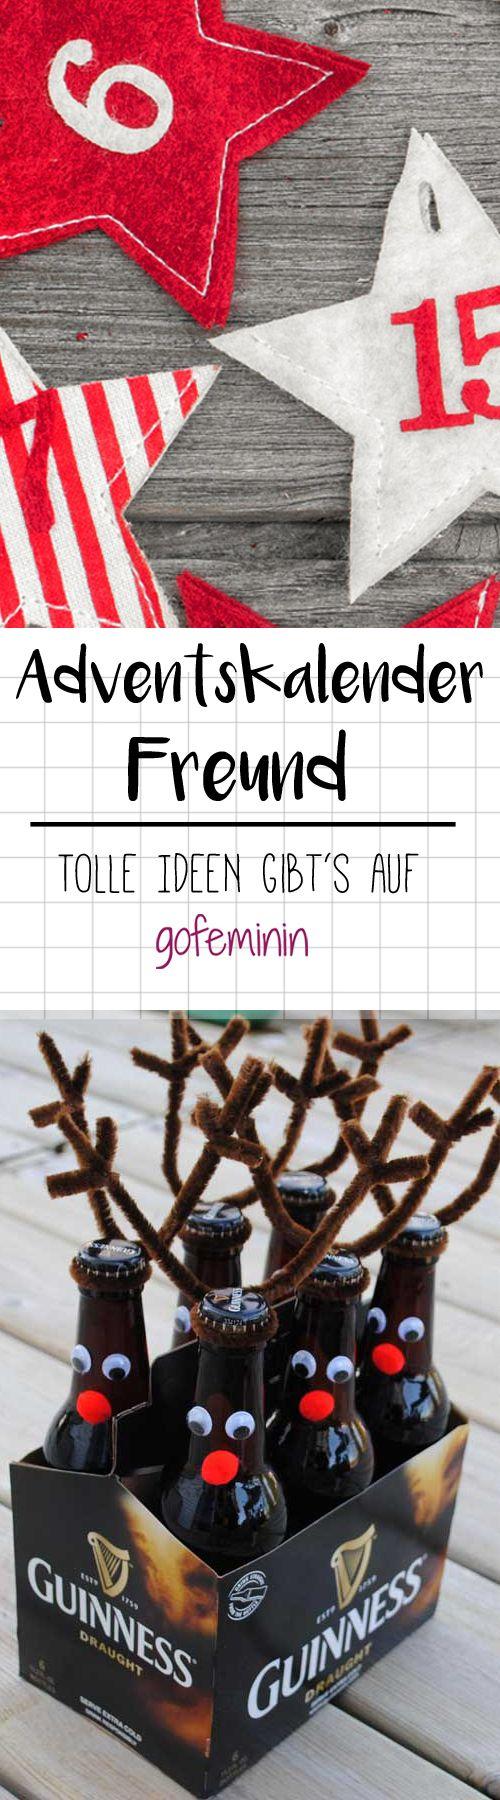 Kreative Adventskalender-Ideen für den Freund gesucht? Wir hätten da so einige auf Lager!